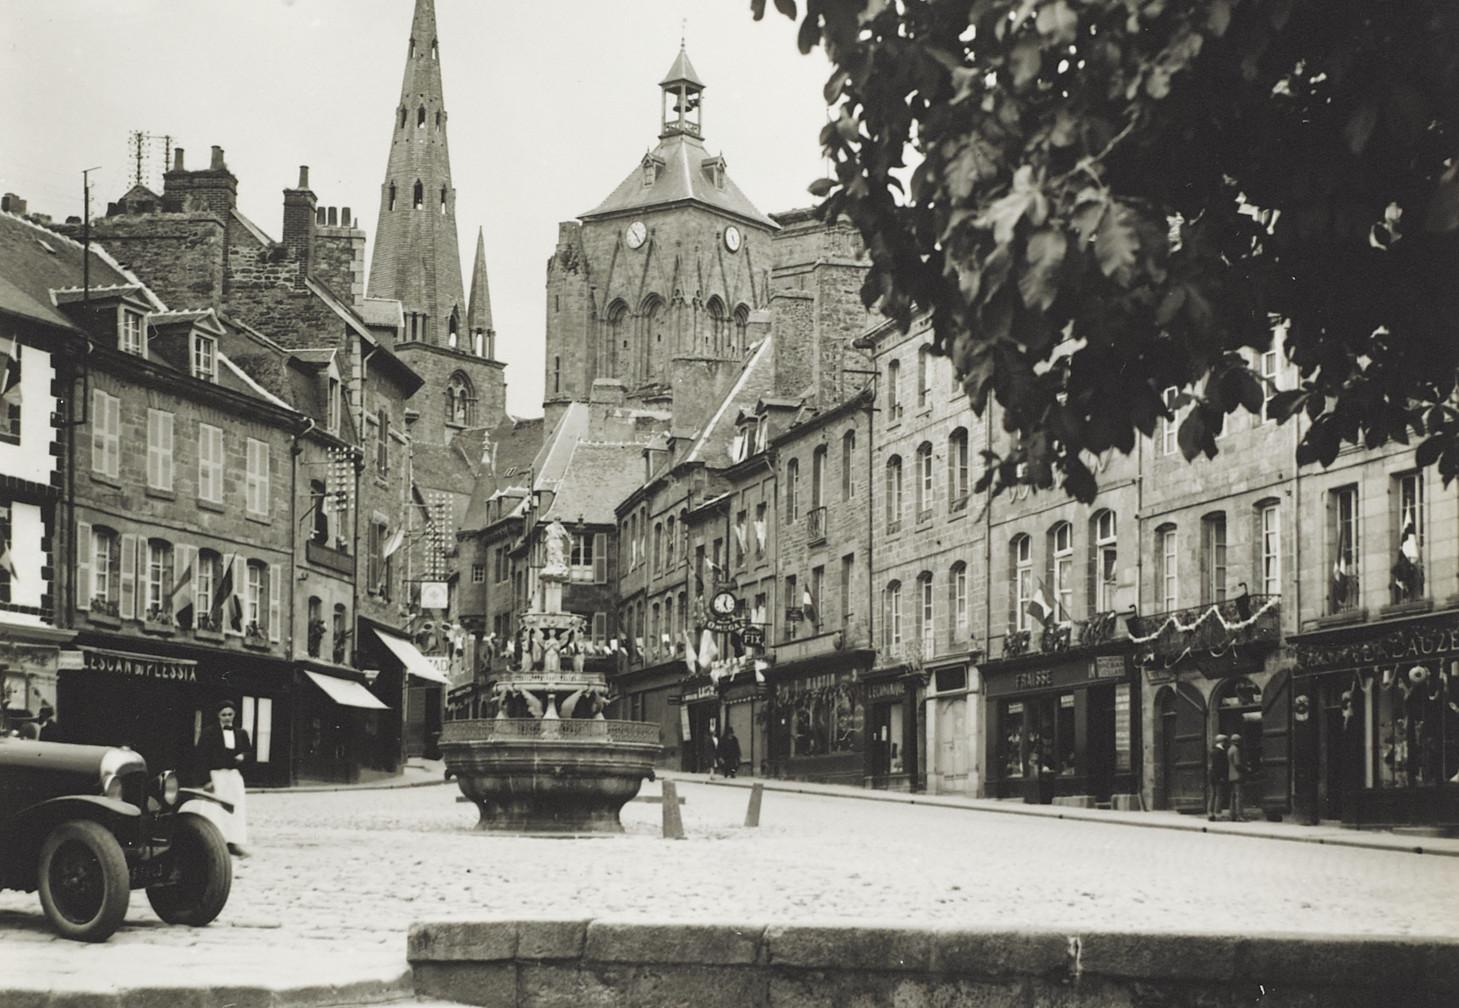 Guingamp, vue de la place du Centre, probablement dans les années 1930. Musée de Bretagne : 972.0004.219.